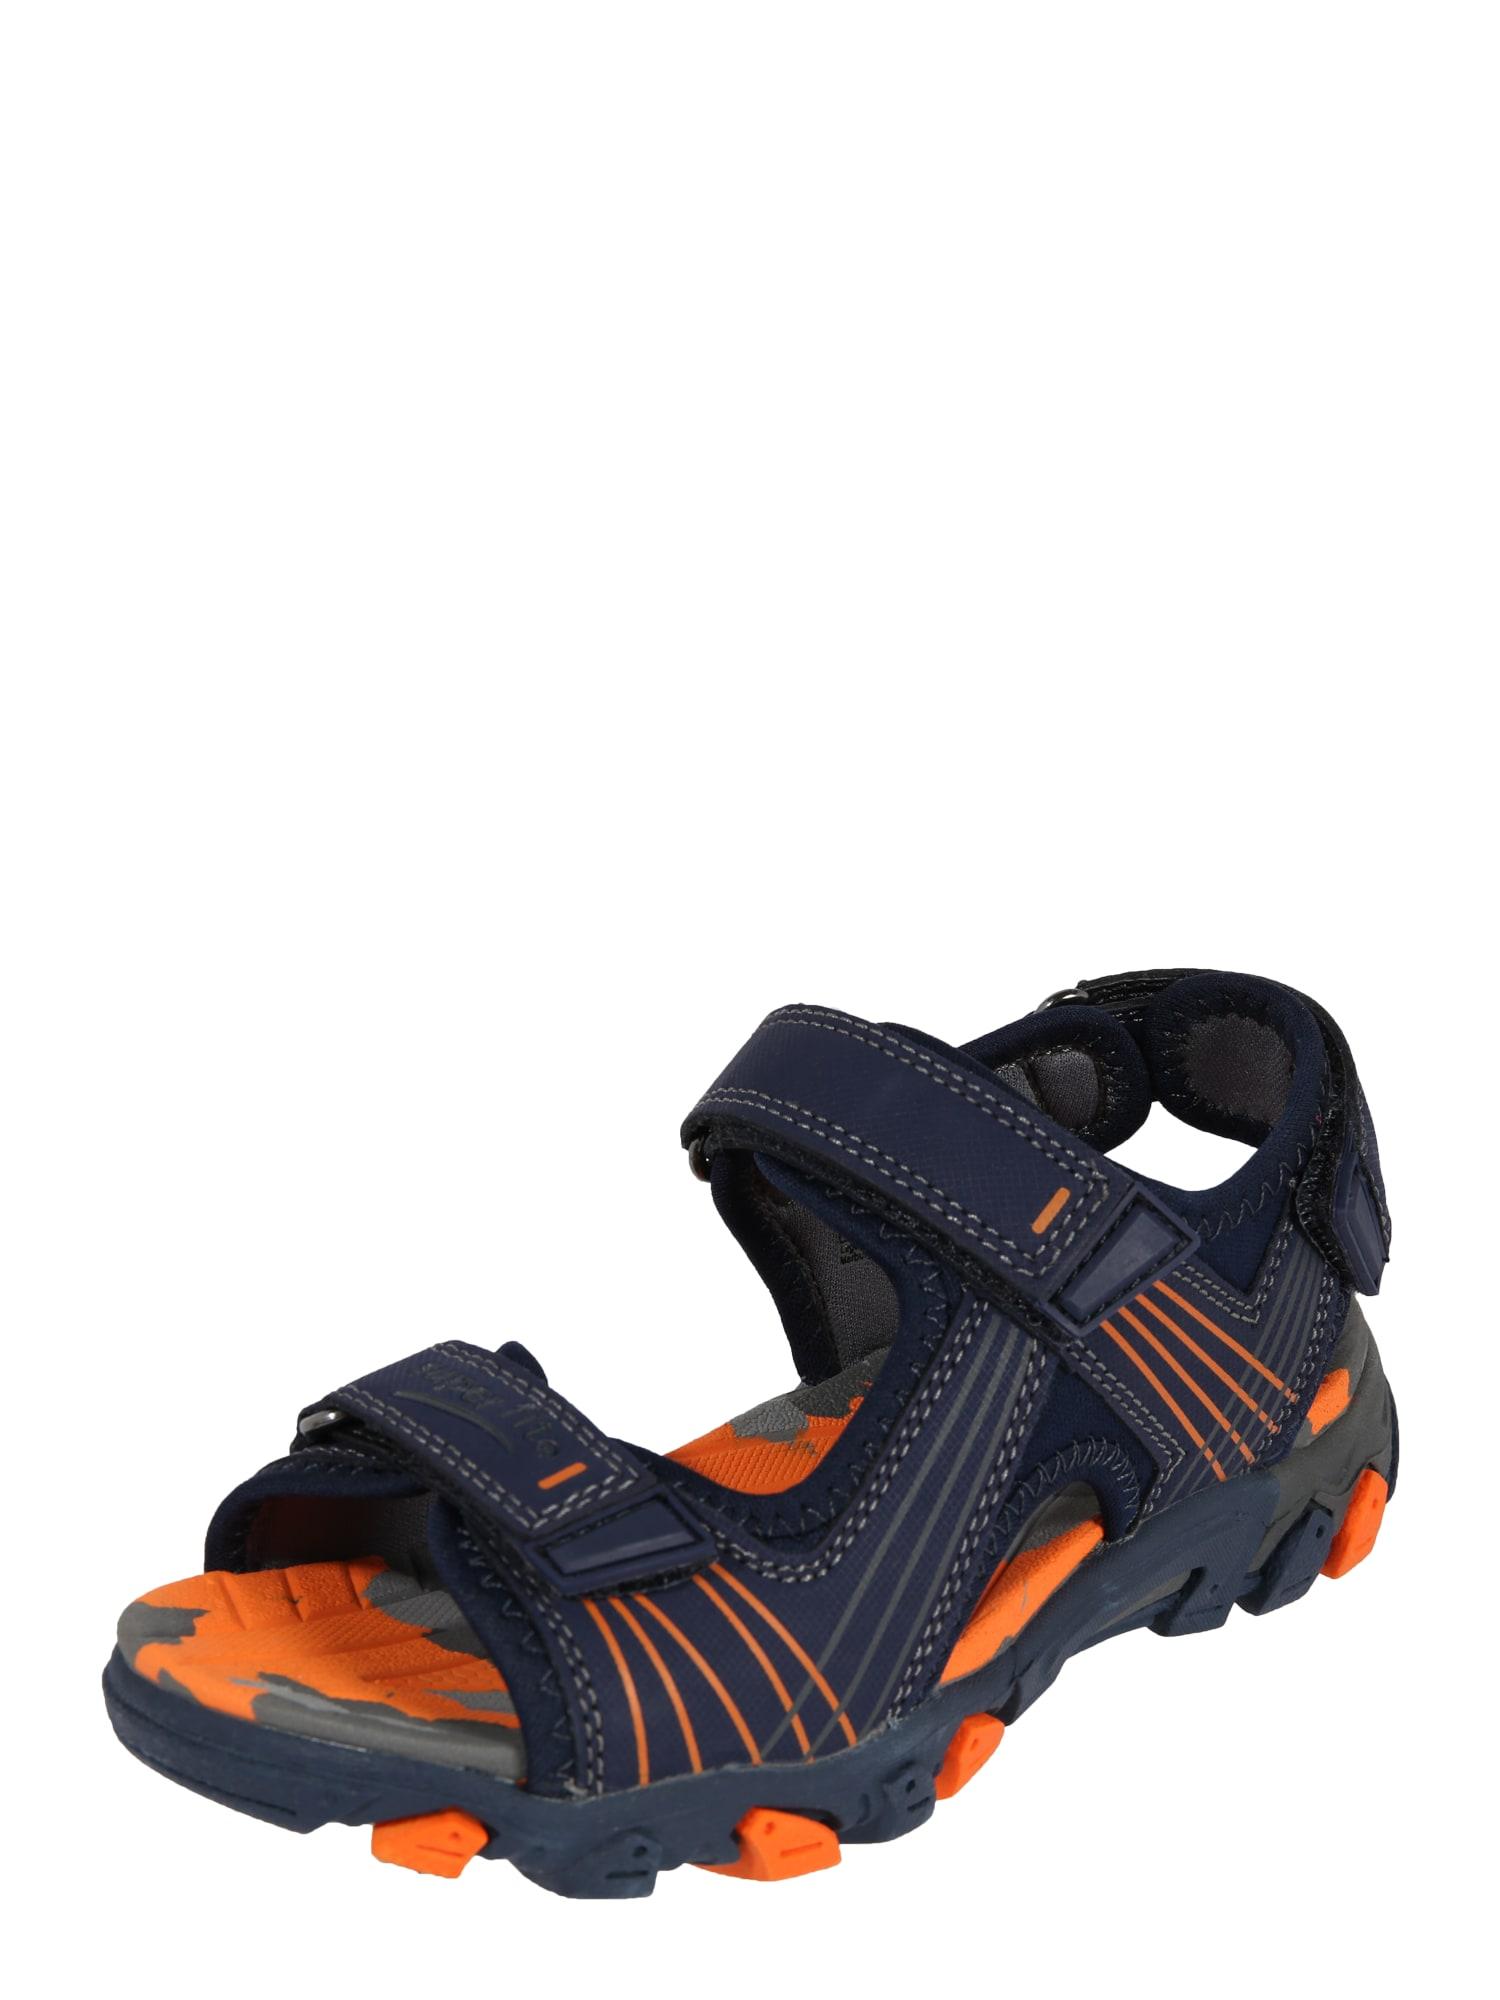 Otevřená obuv HENRY modrá oranžová SUPERFIT